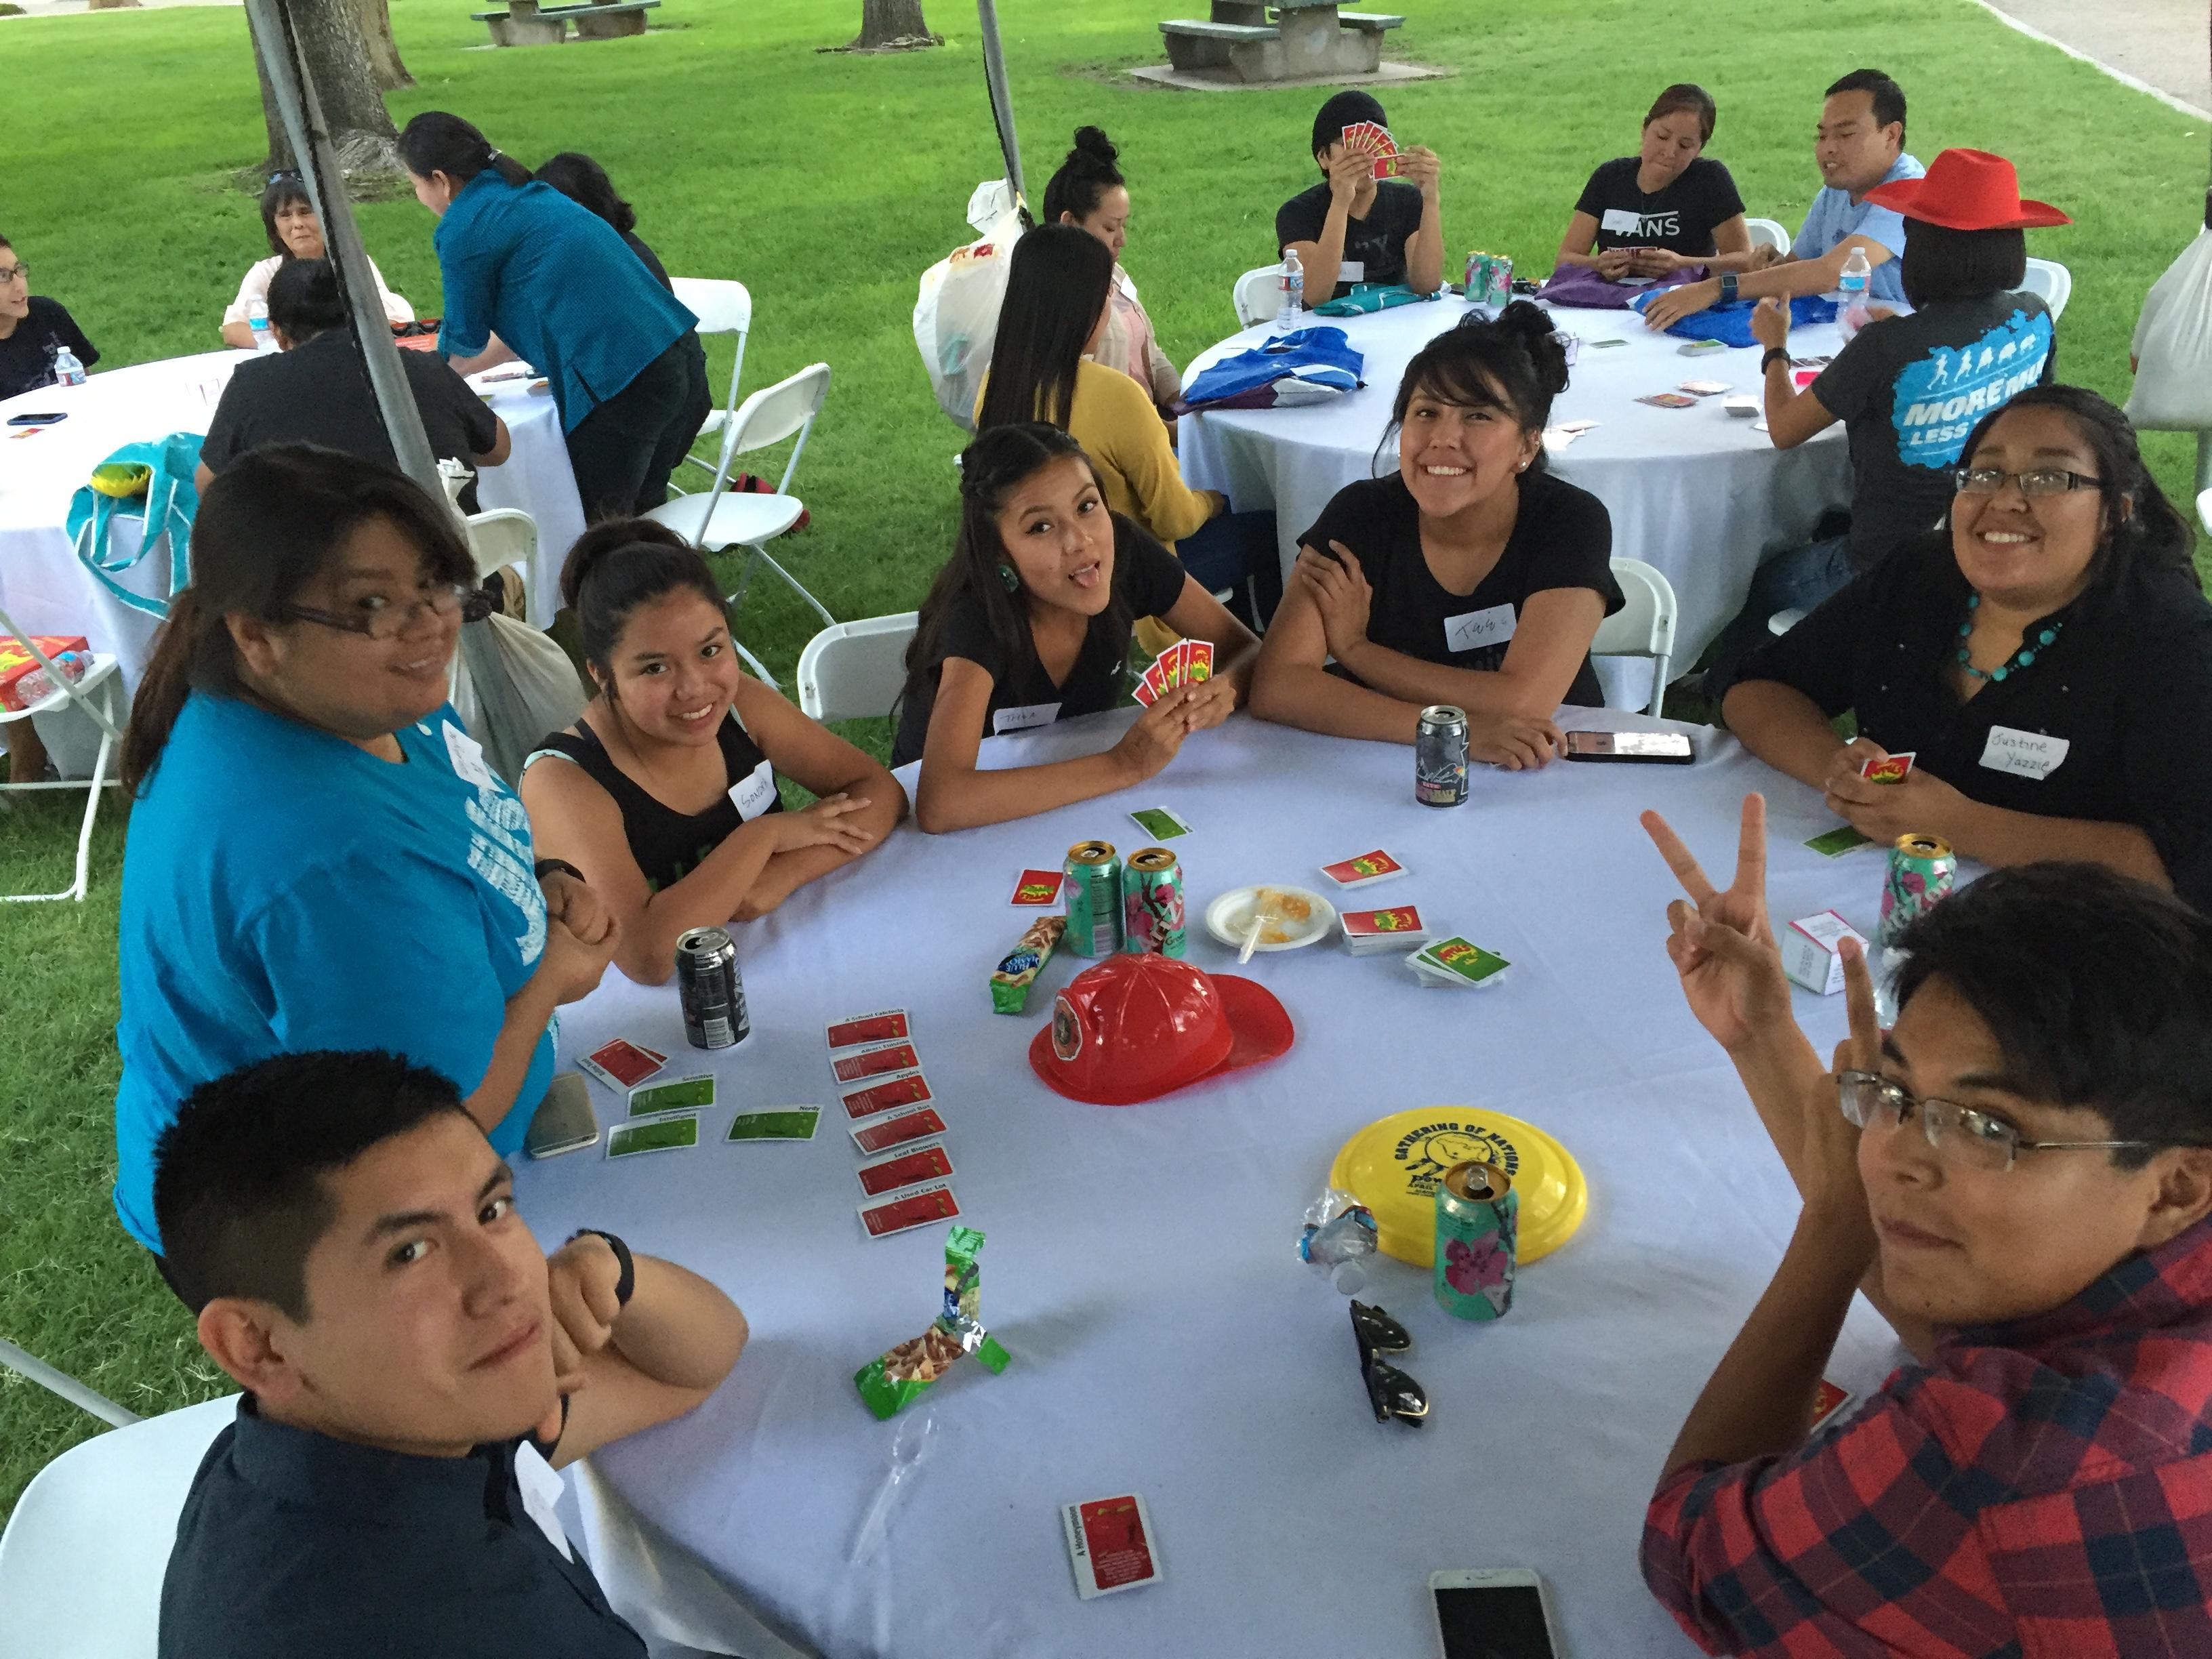 Groupe assis à table à l'extérieur jouant des pommes aux pommes.